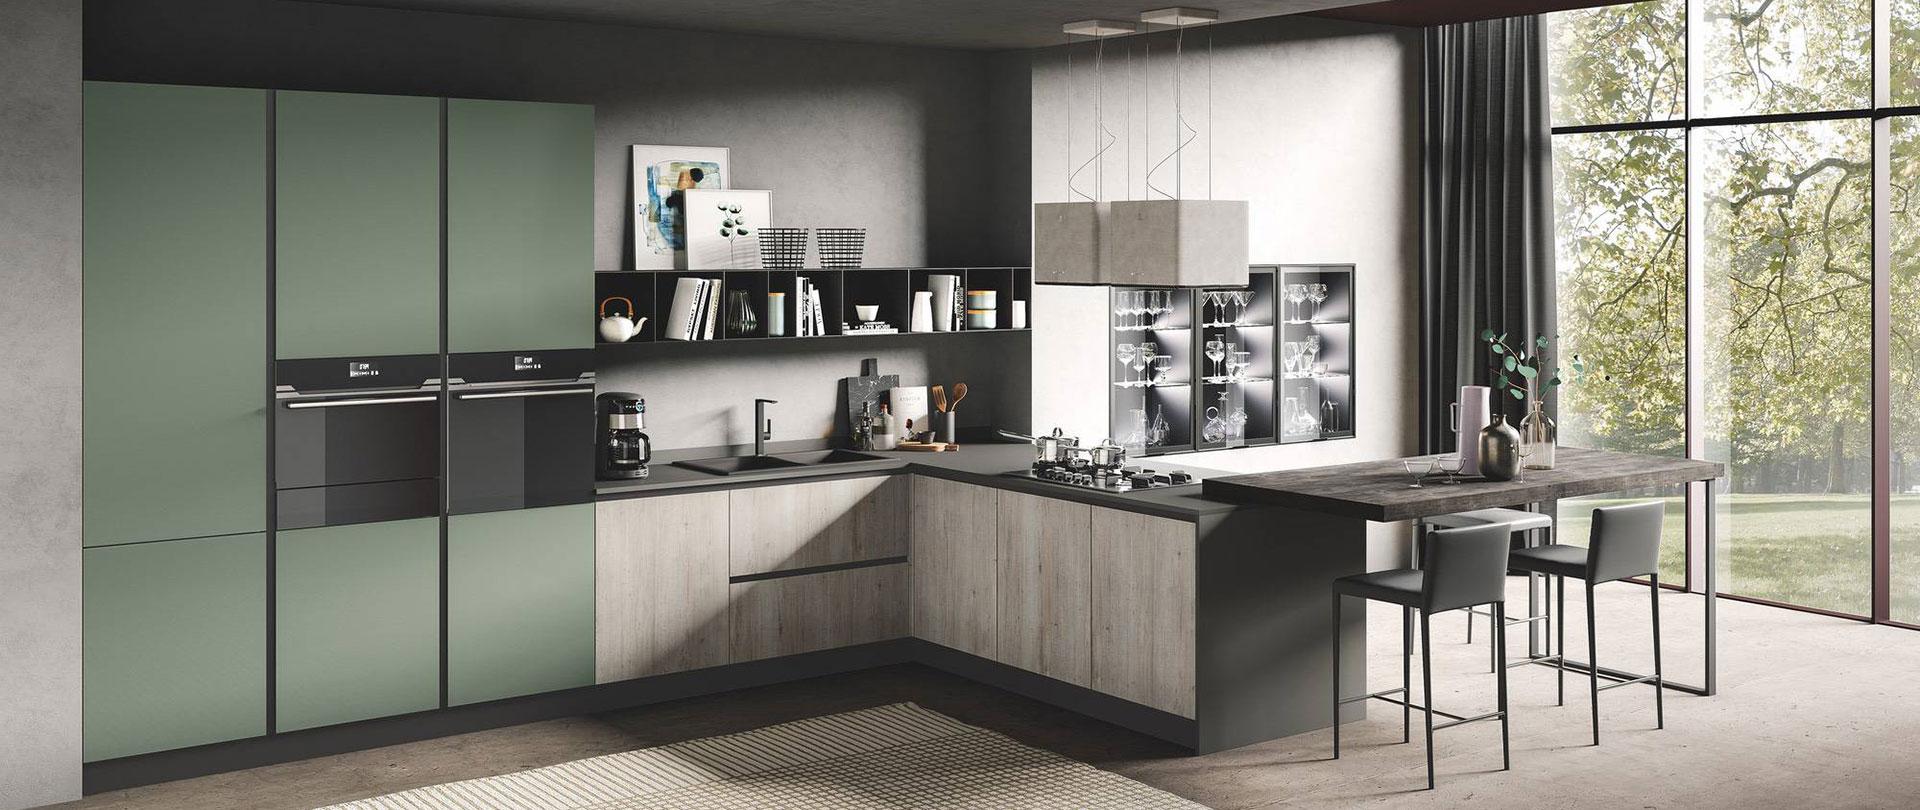 cucina moderna di design Star corda tavolato verde muschio opaco